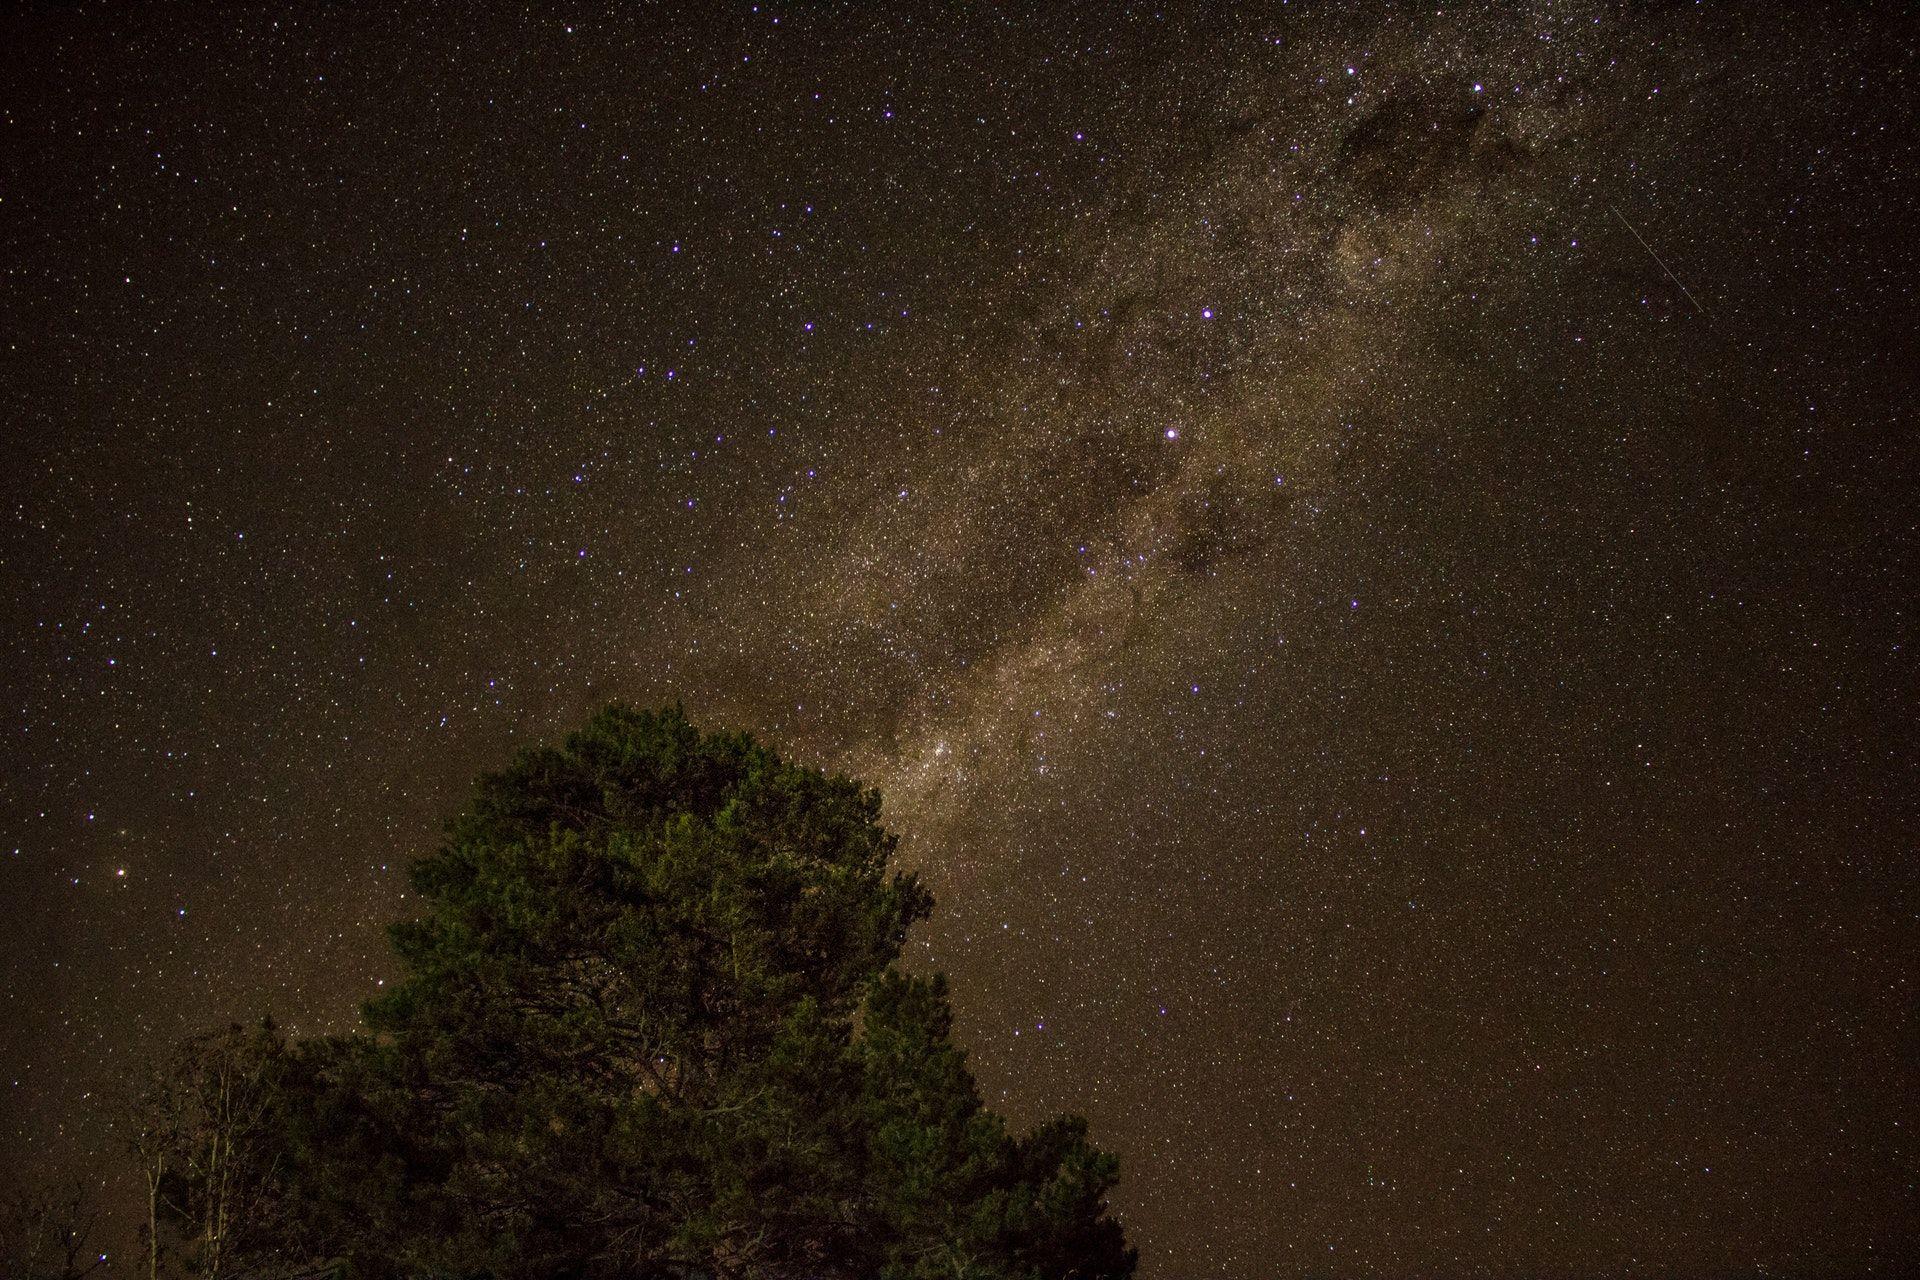 عکس زمینه آسمان زیبای شب پس زمینه